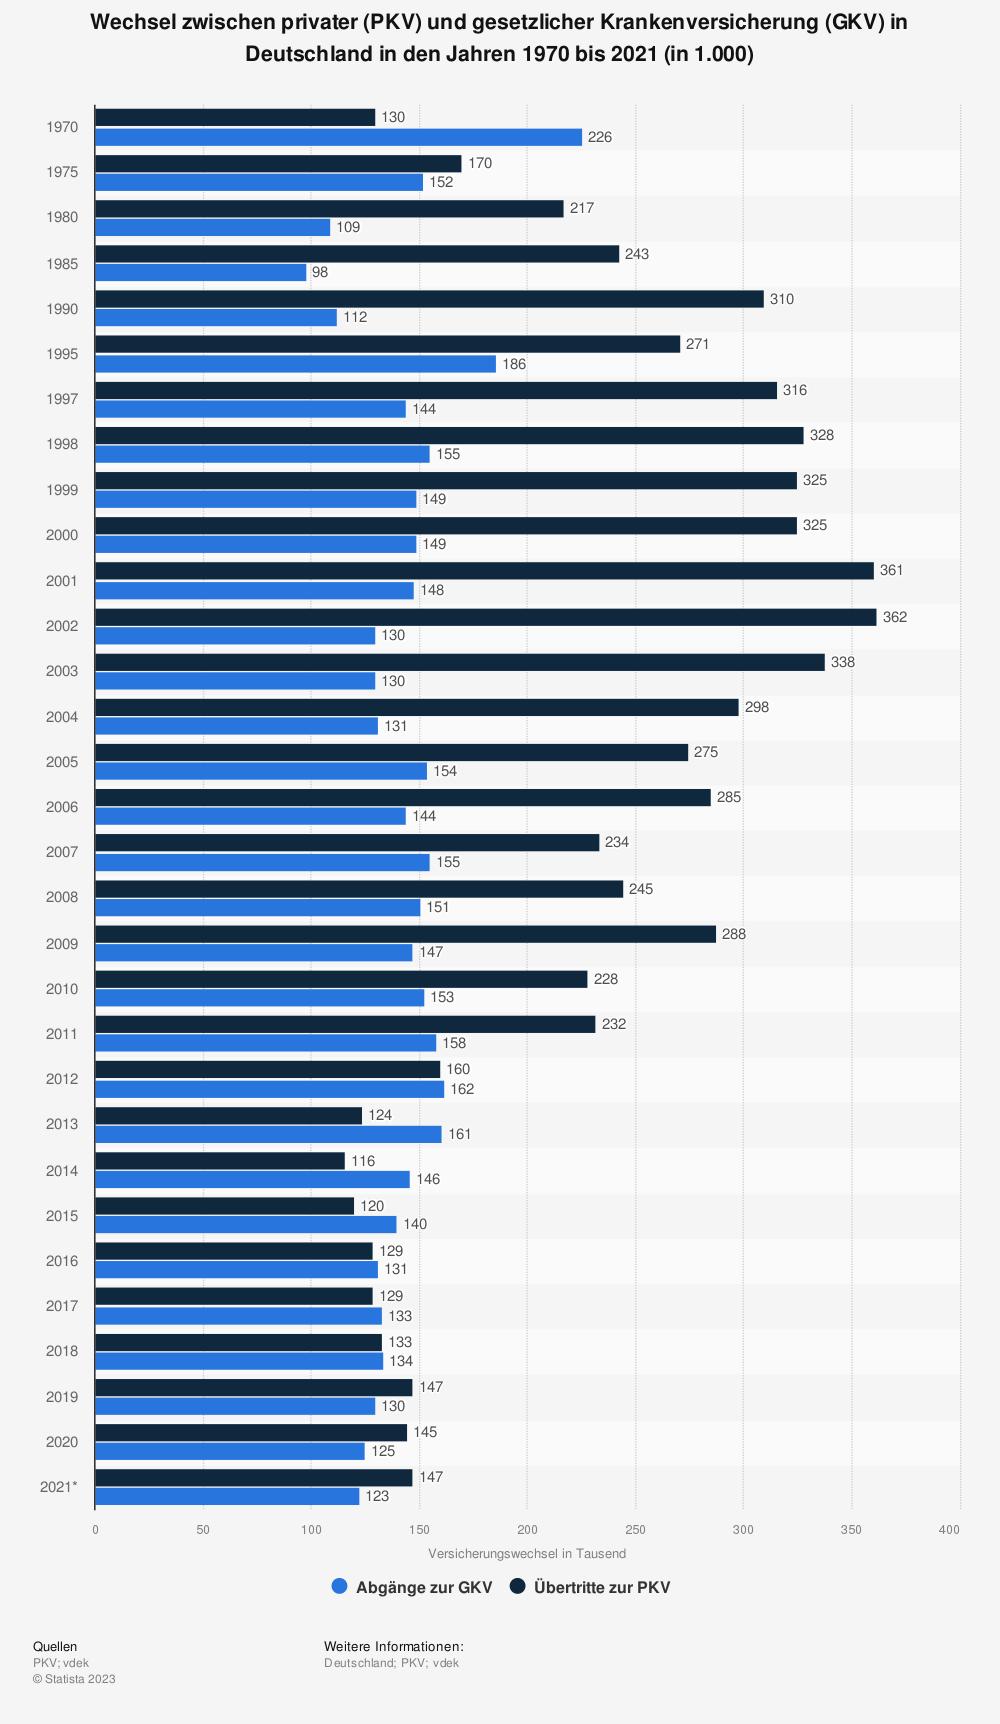 Statistik: Wechsel zwischen privater (PKV) und gesetzlicher Krankenversicherung (GKV) in Deutschland in den Jahren 1970 bis 2017 (in 1.000) | Statista